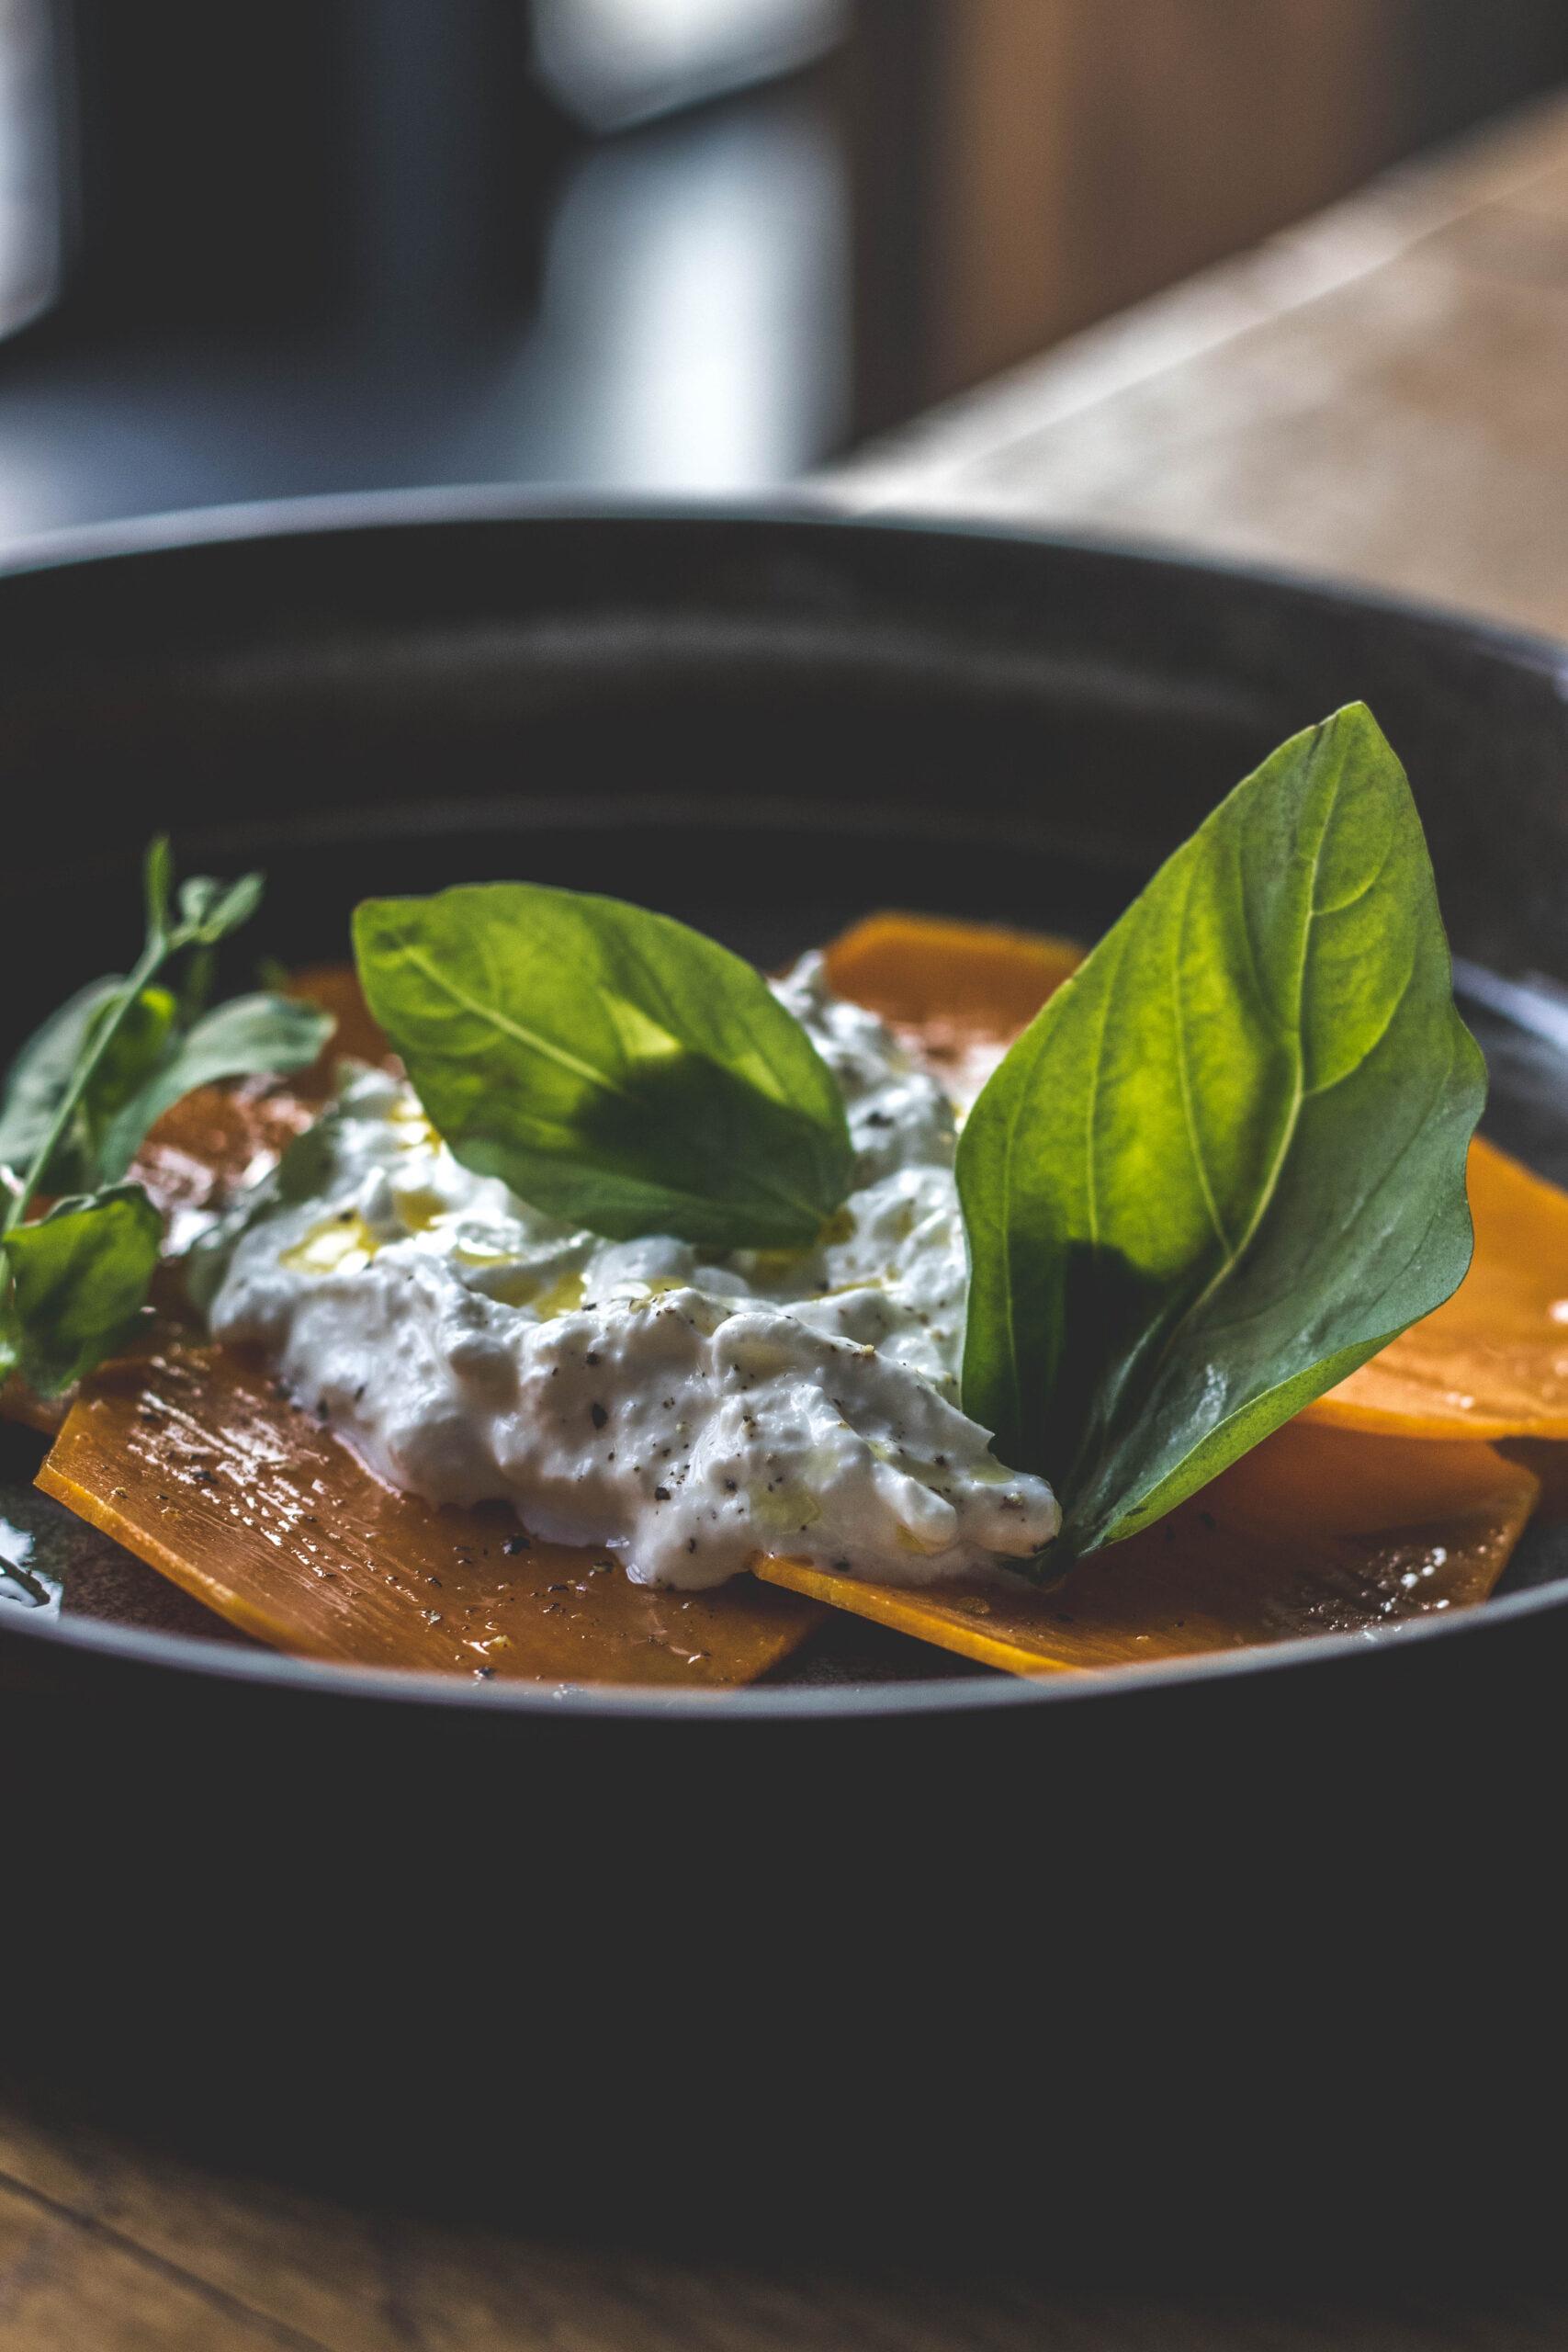 LaVie-Dinerboxen-Catering-thuis-uit-eten